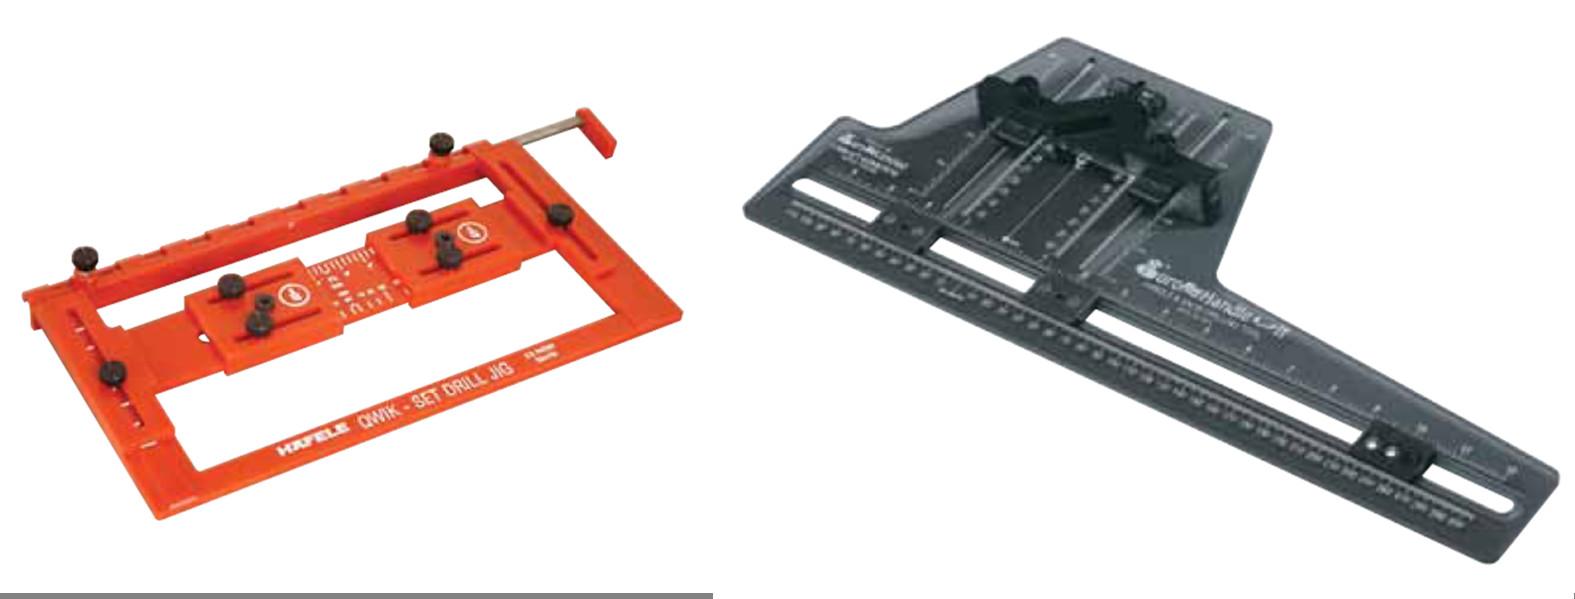 Door Knob Drill Template Things to Consider before Installing Door Knob Jig – Door